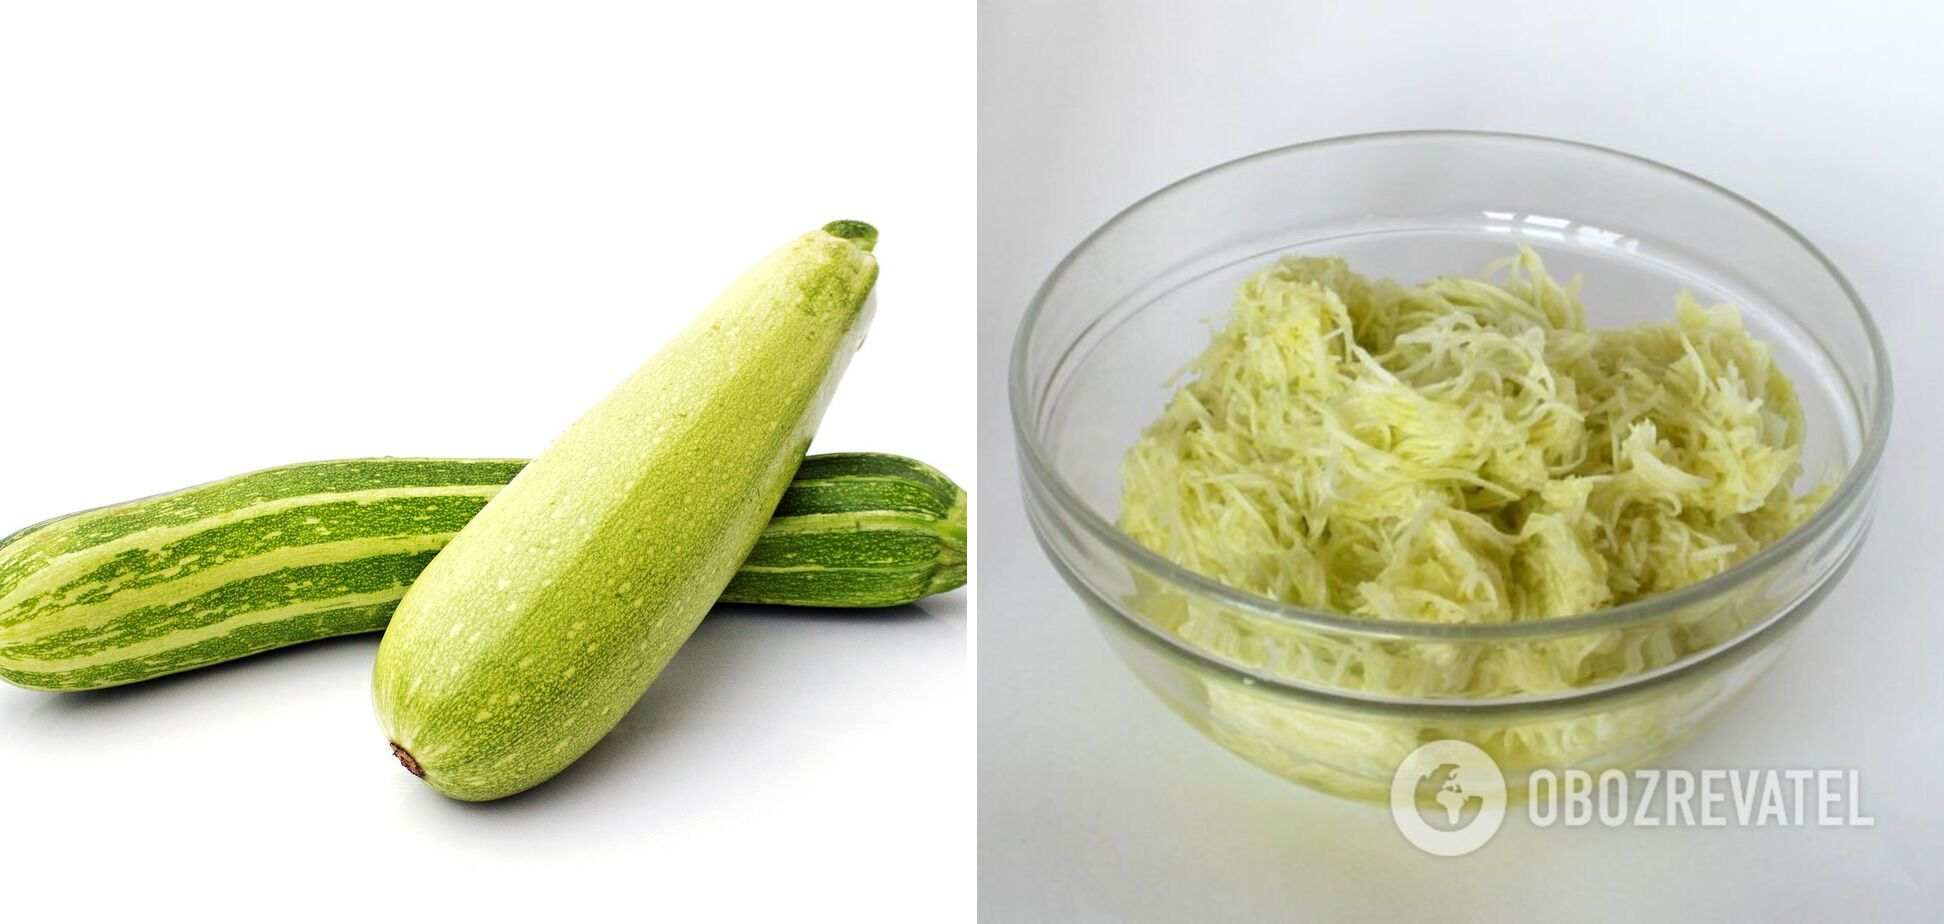 Как заморозить кабачки для запеканок и блинов